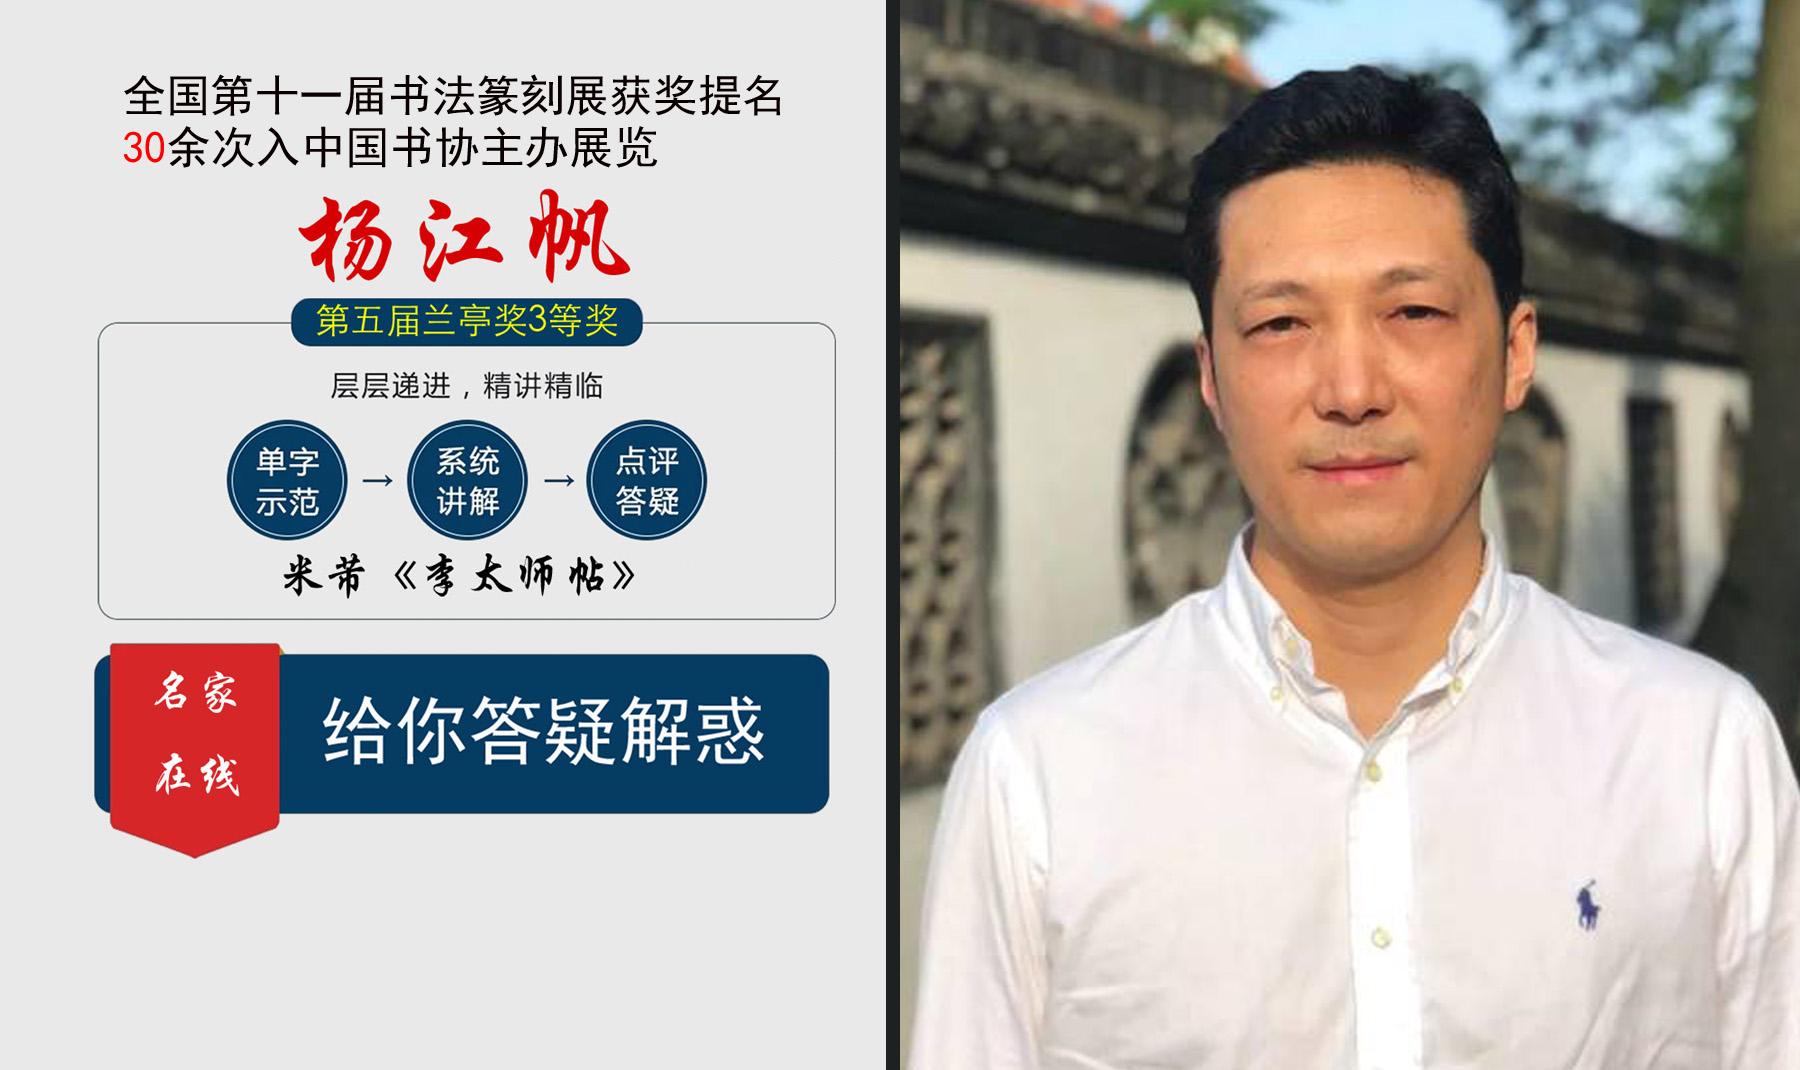 兰亭奖得主:杨江帆诠释《米芾》法帖之关键